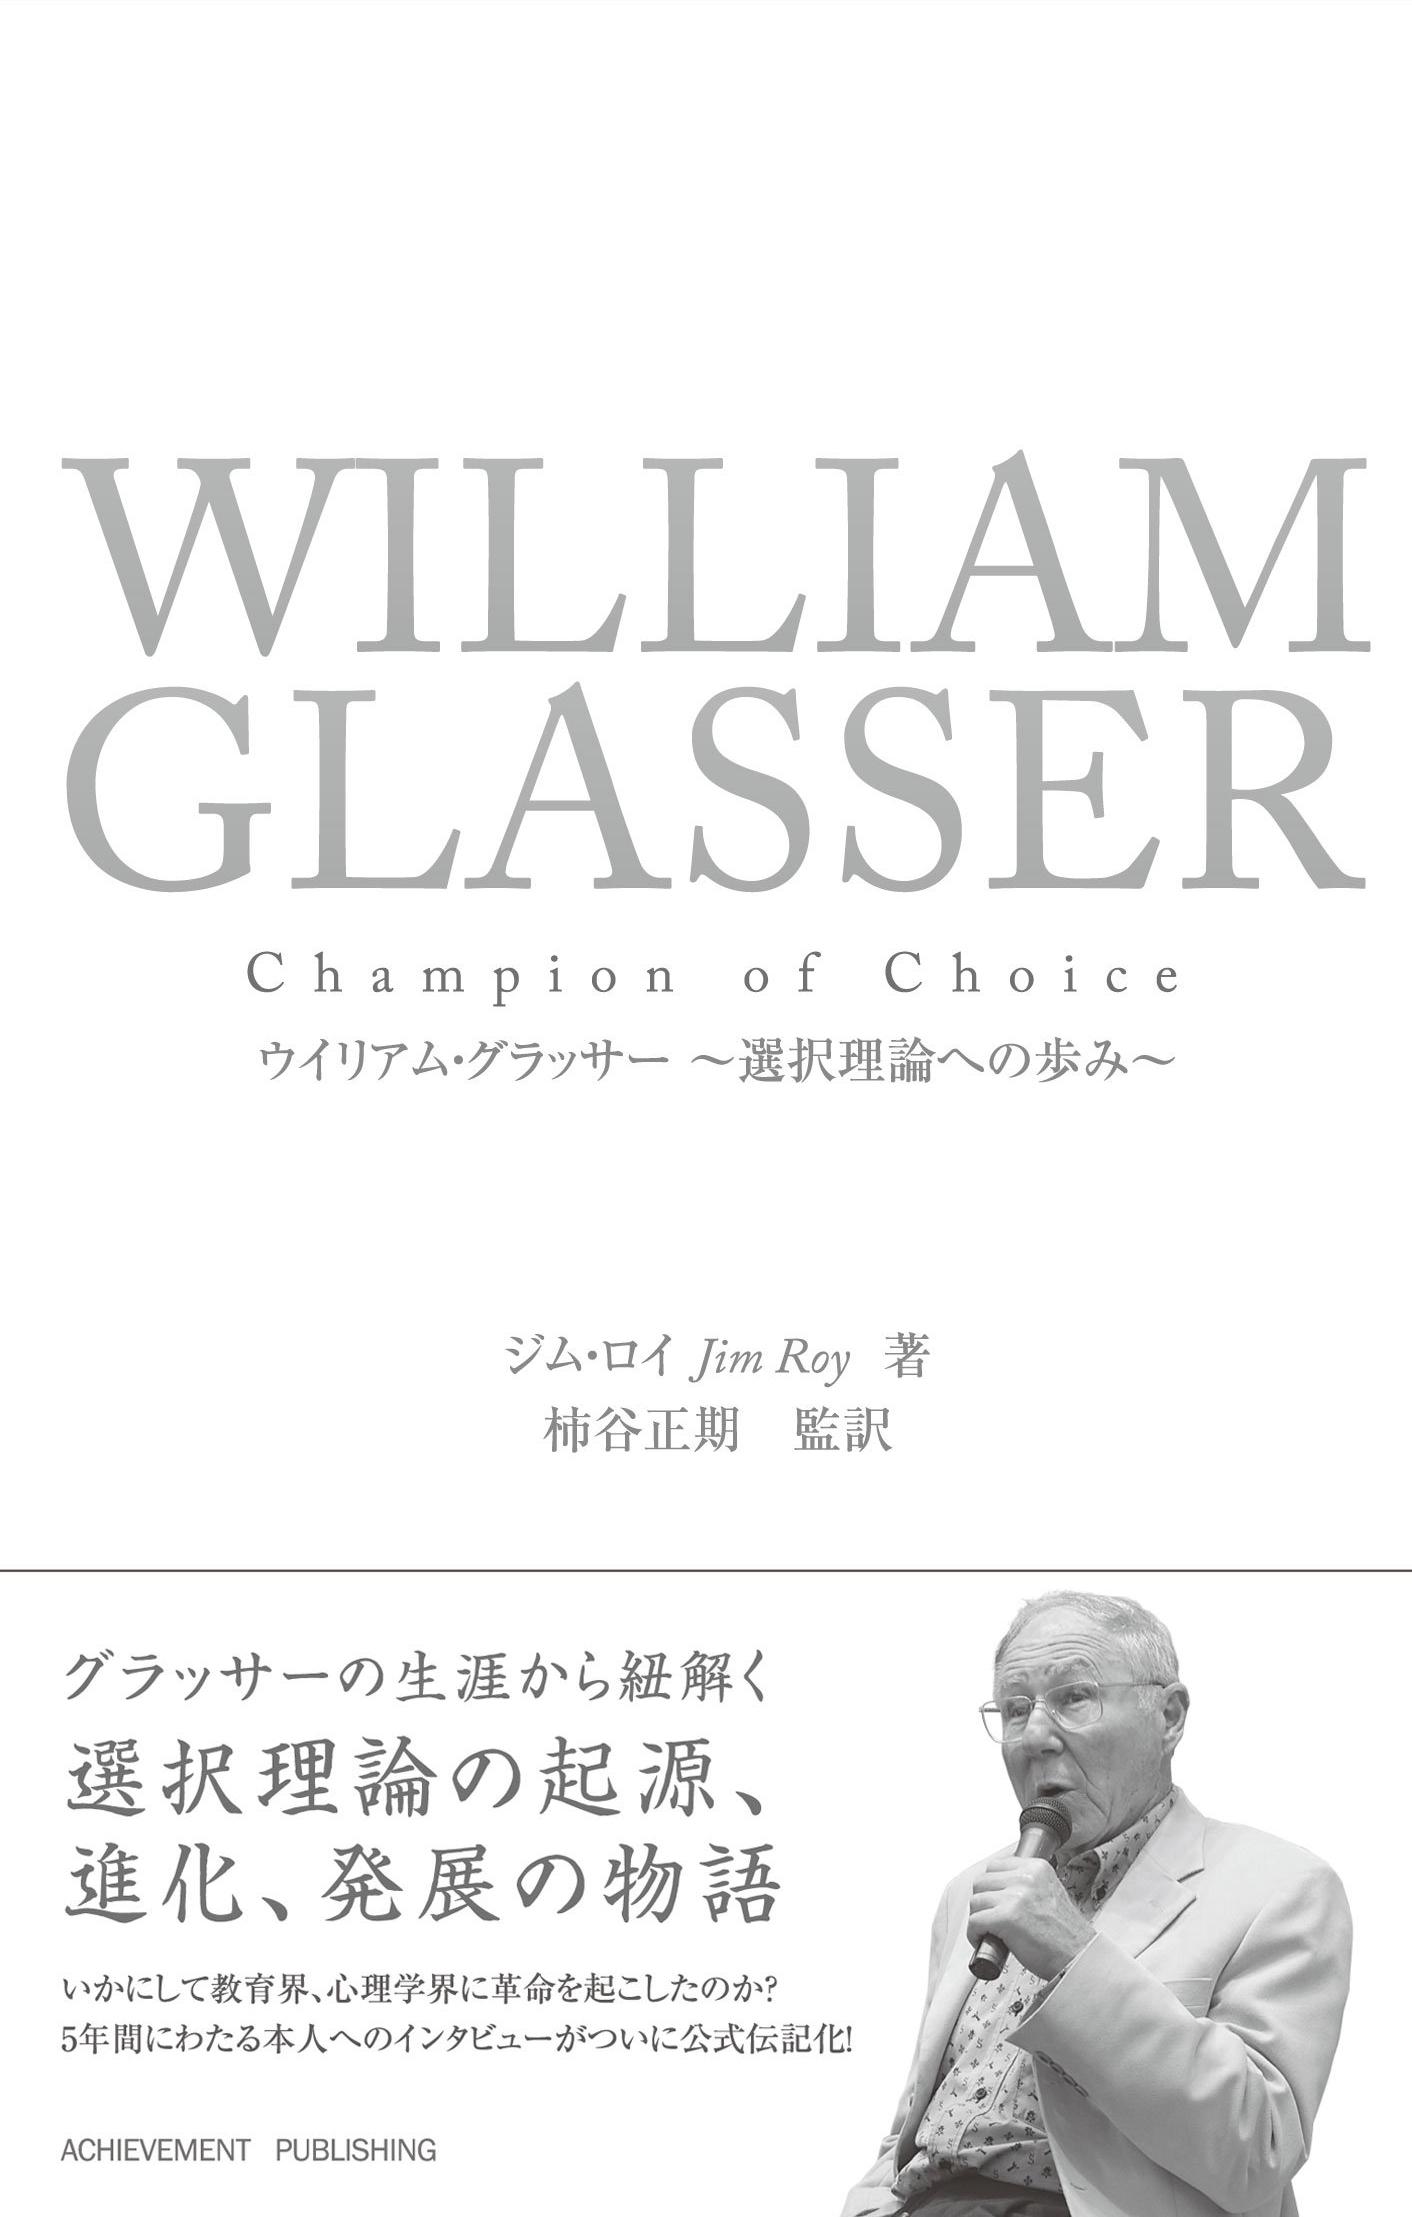 ウイリアム・グラッサー ~選択理論への歩み~の画像1